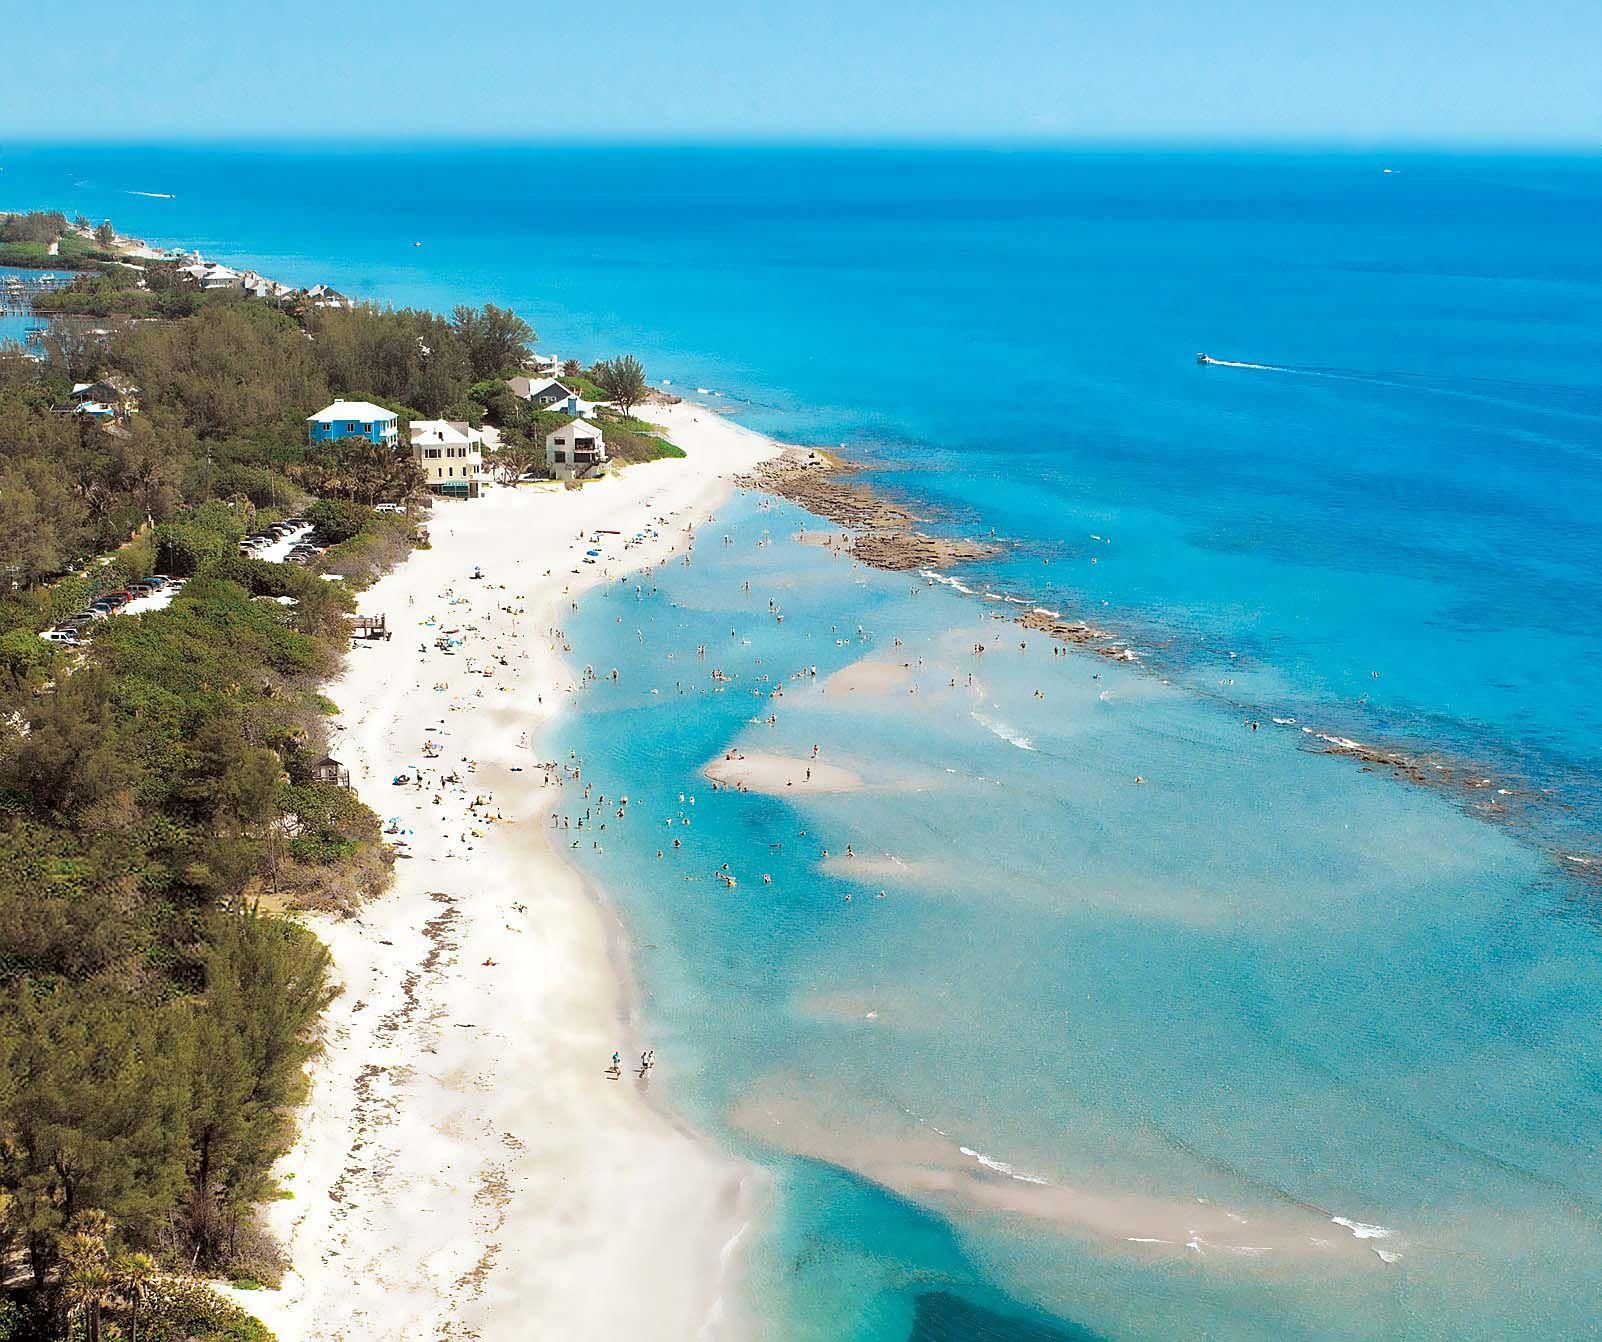 Bathtub Reef Beach At Hutchinson Island Florida | Travel Florida In - Hutchinson Beach Florida Map